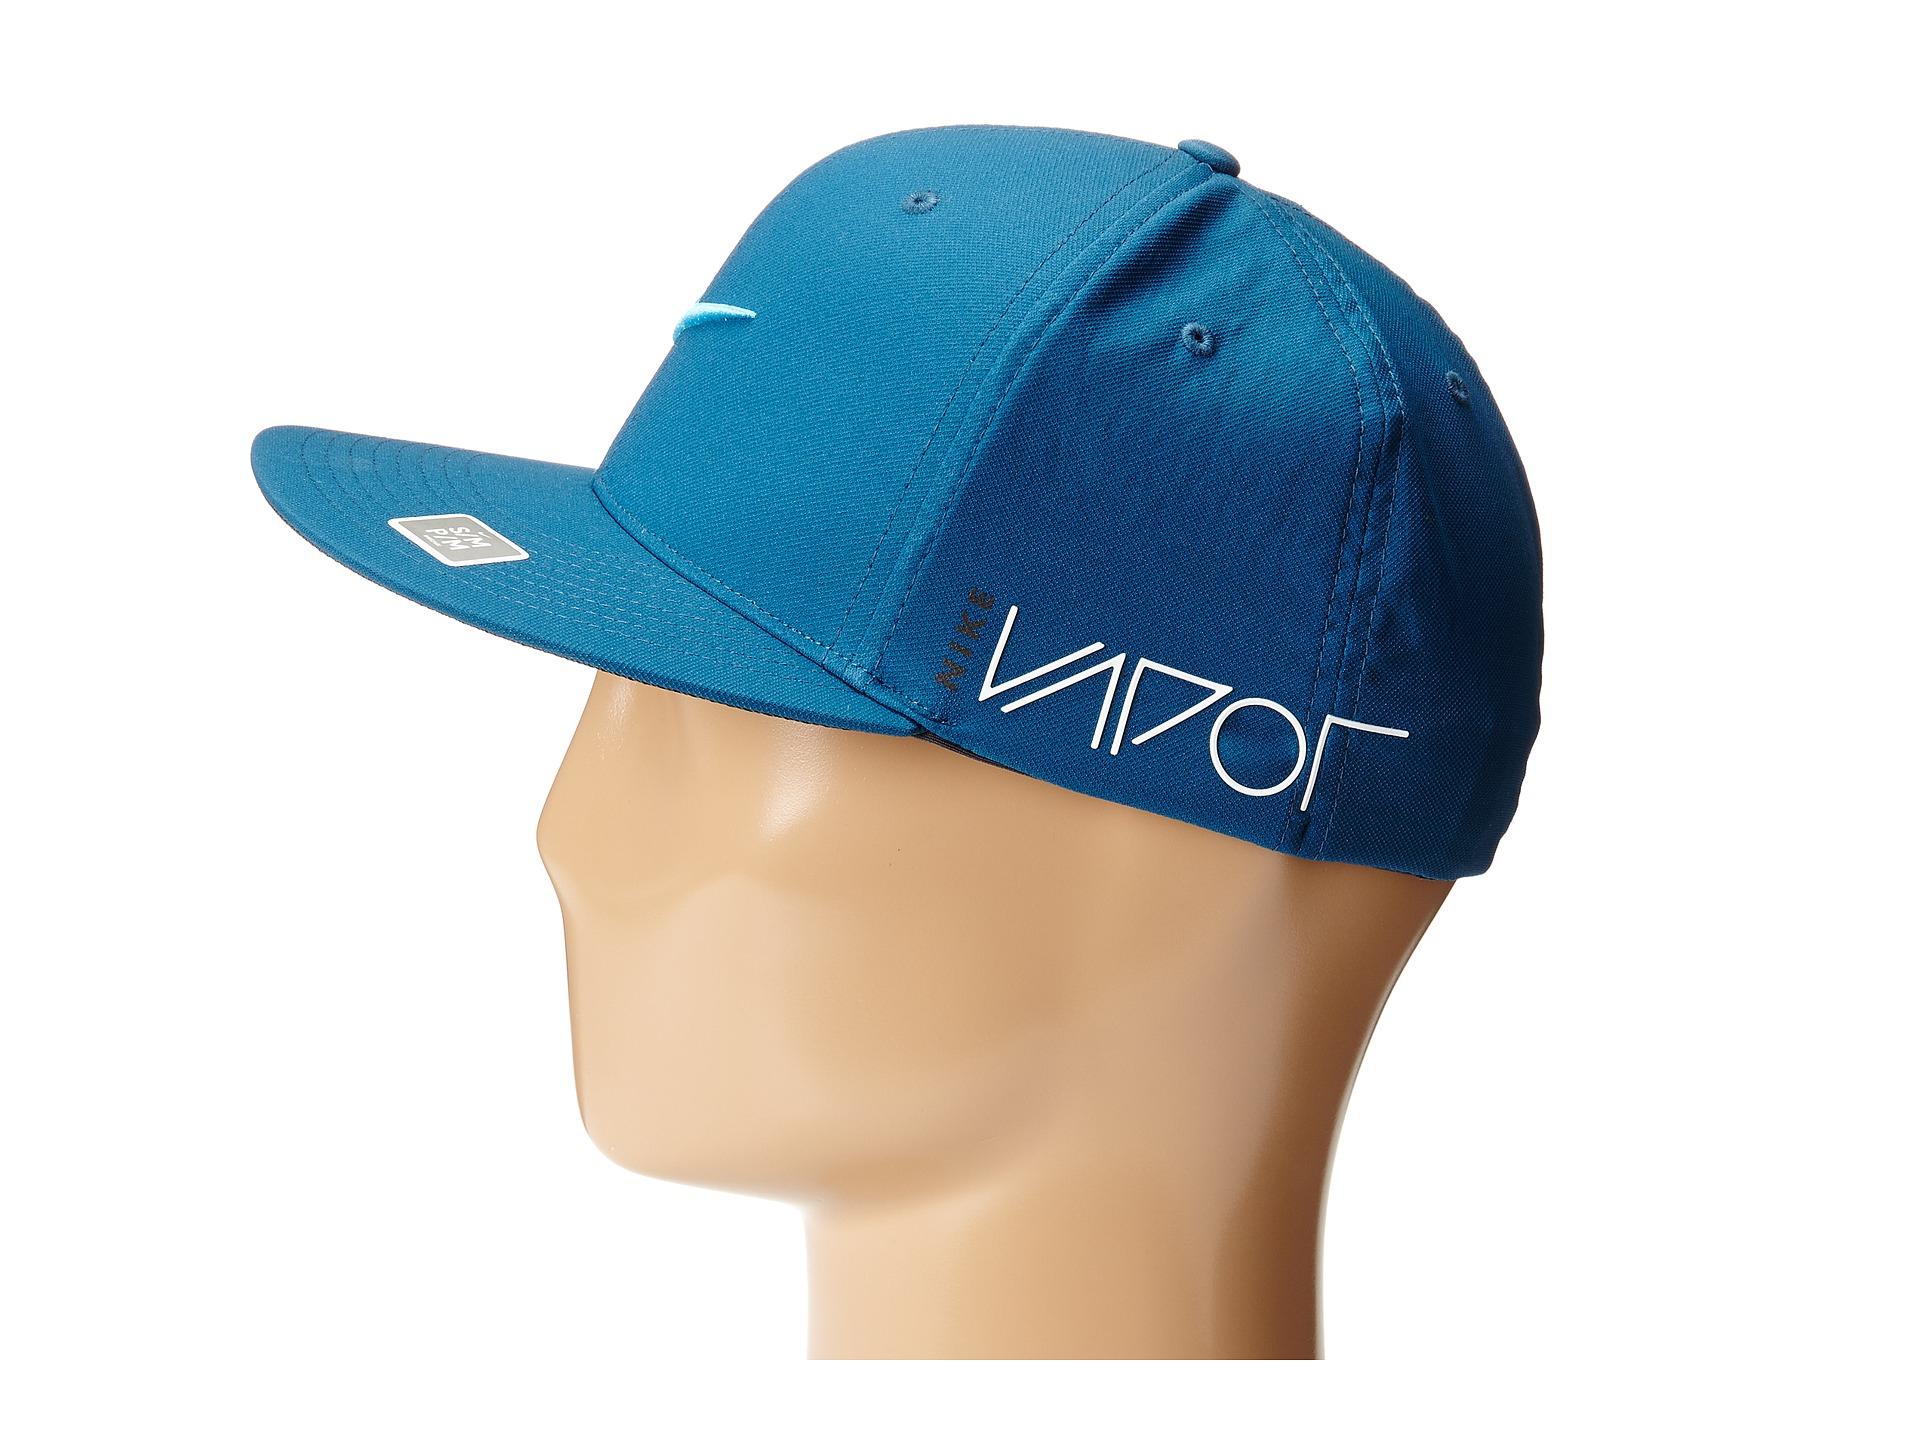 5592232f90e ... discount lyst nike true tour cap in blue for men bdd84 c4d70